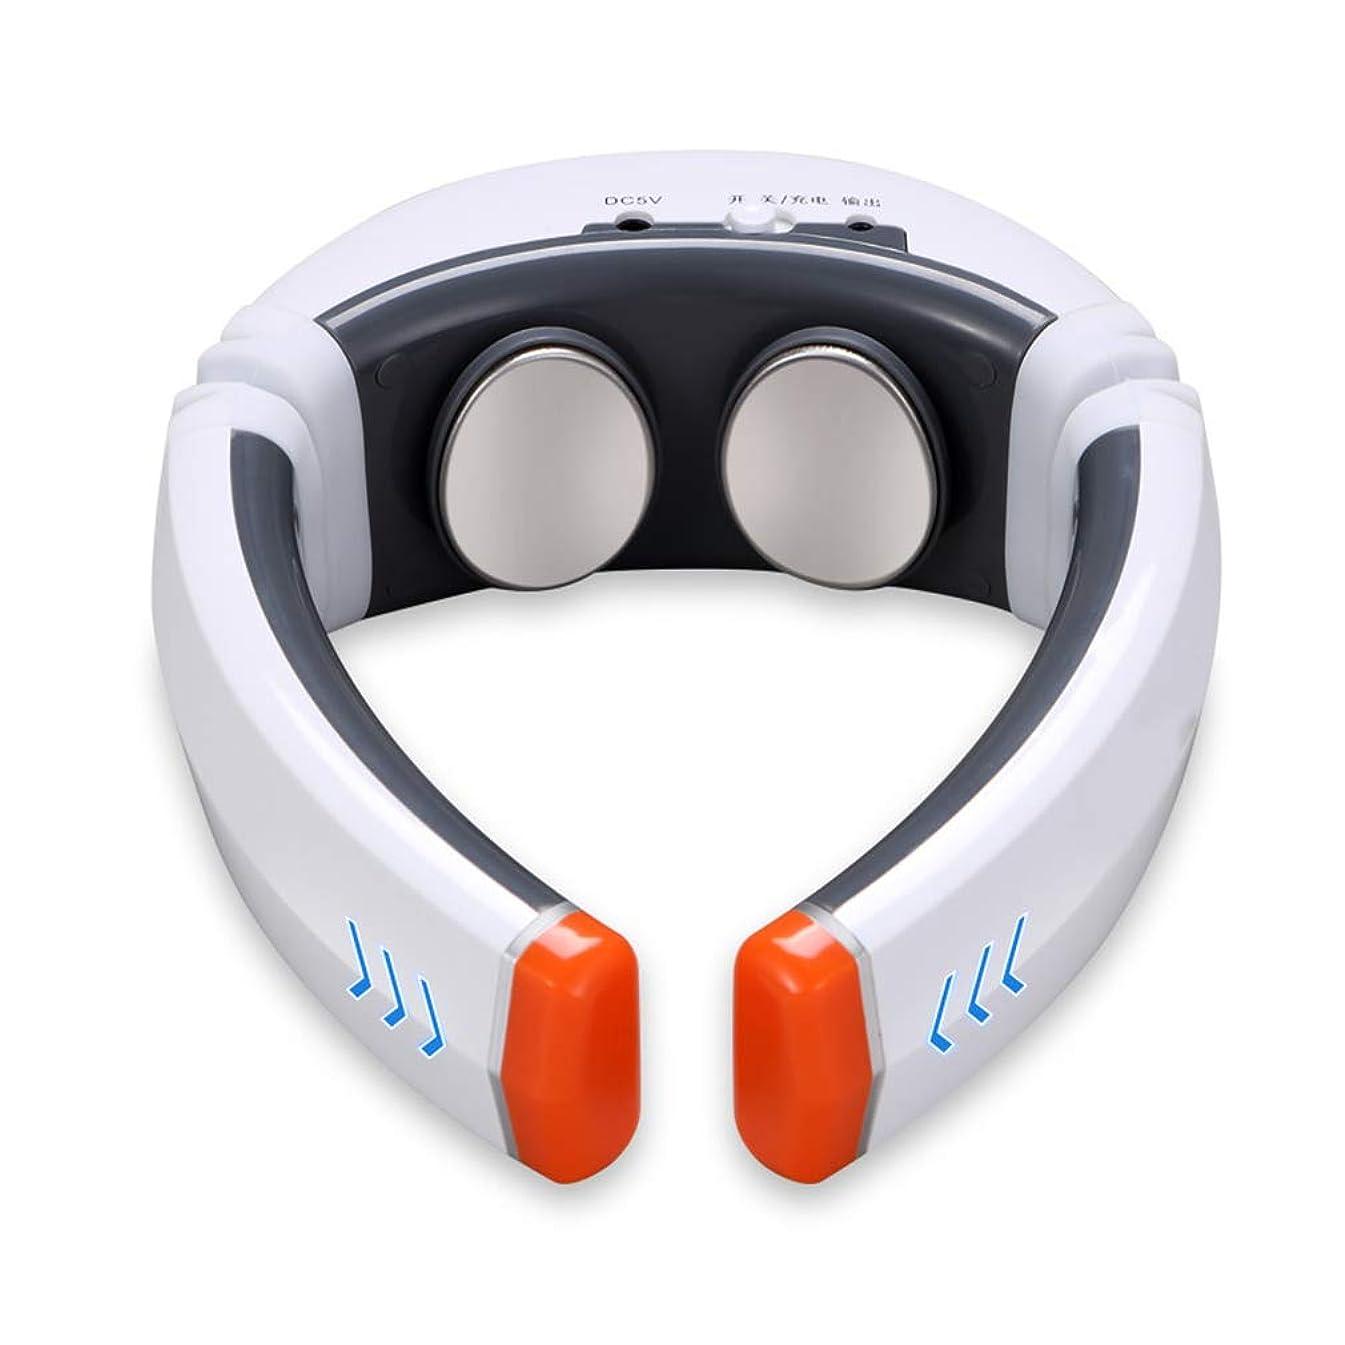 賛美歌血まみれエトナ山頚椎マッサージ、 電気多機能筋肉の痛みを和らげるために使用することができますマルチパートマッサージマルチラジオリモートusbホームオフィス, white